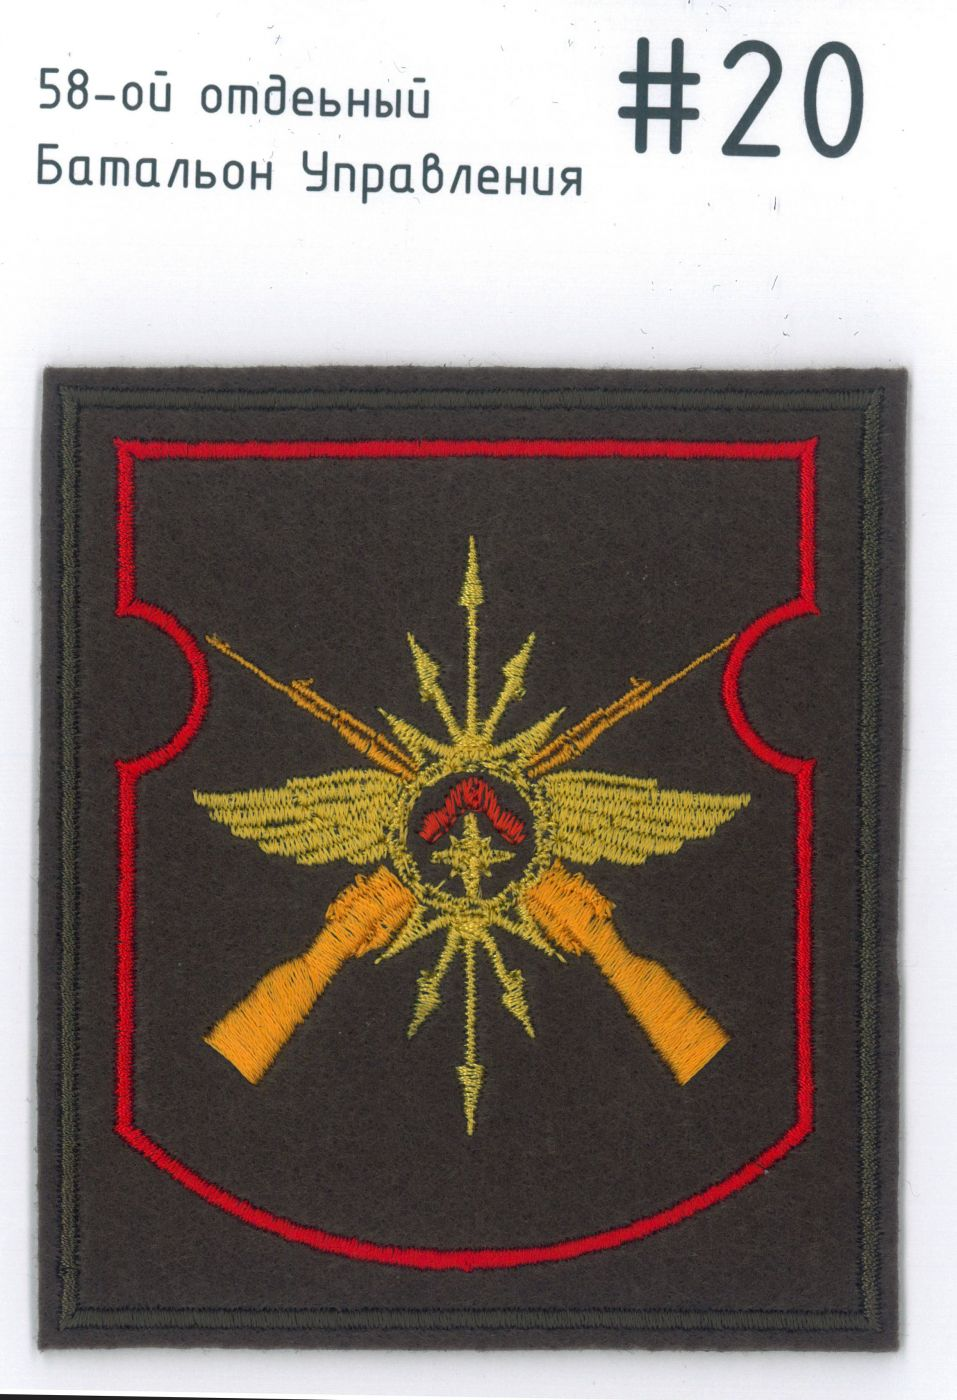 Шеврон 58-ой отдельный Батальон Управления